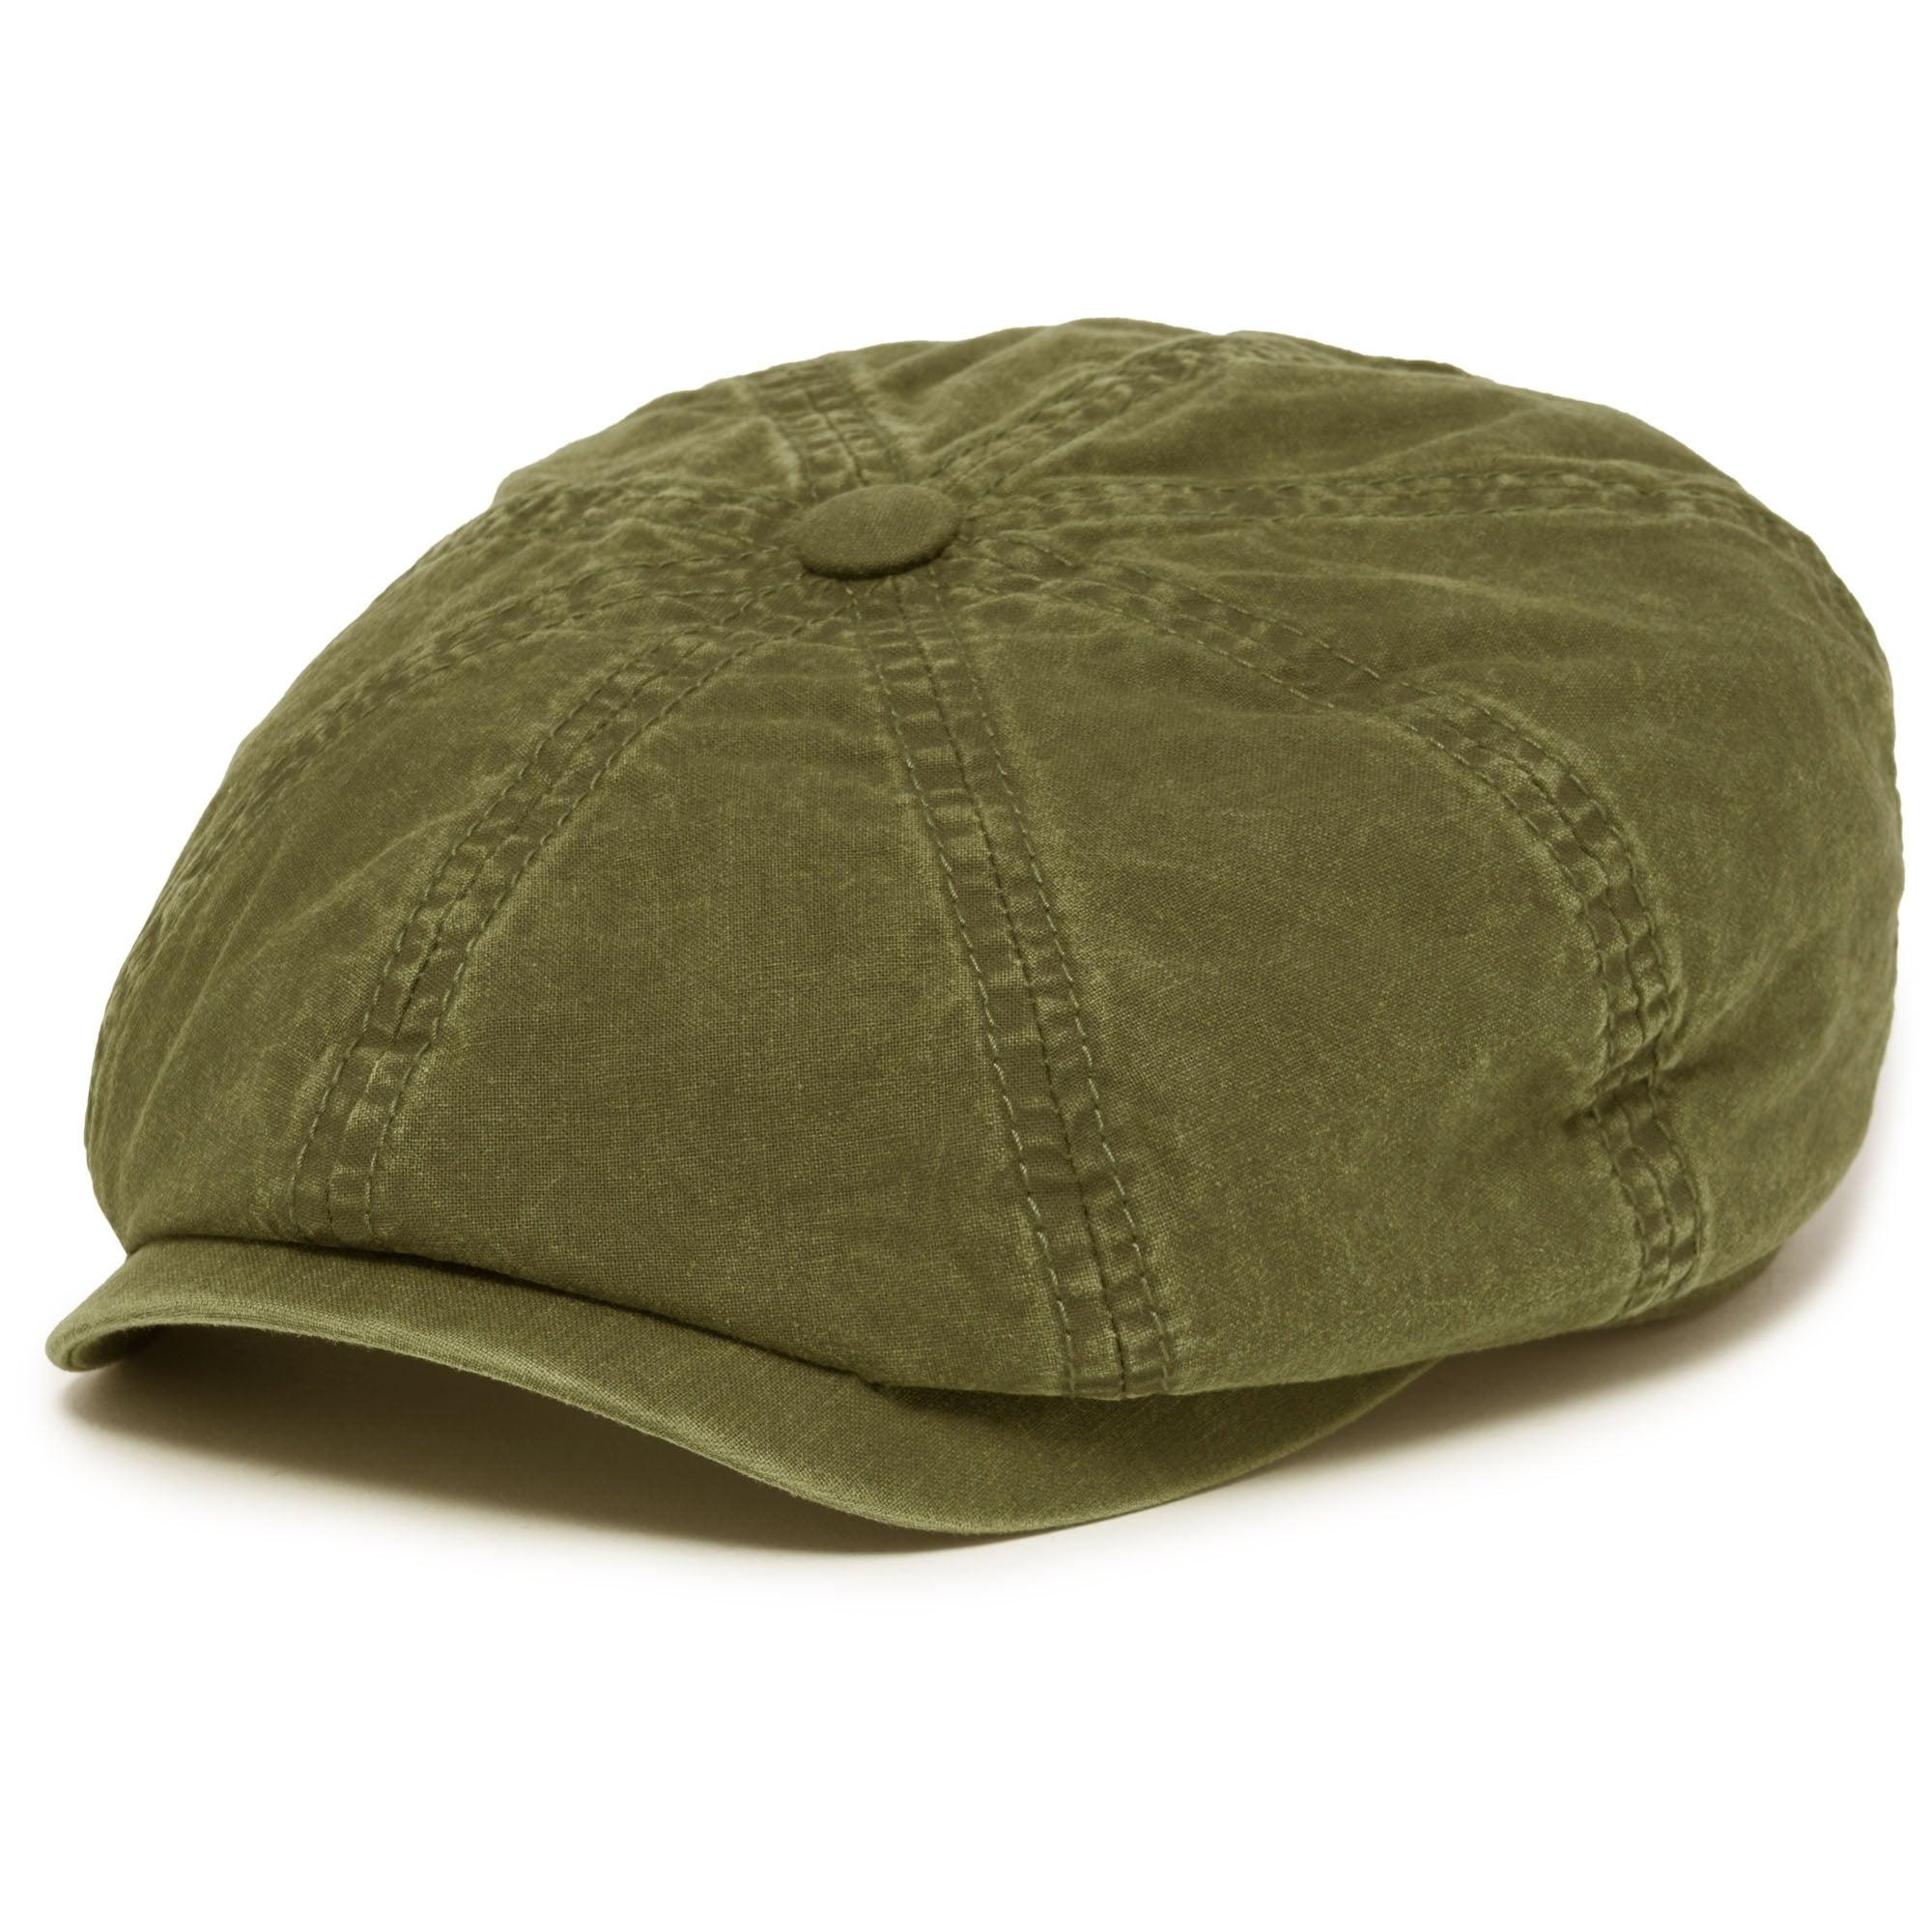 Hatteras Delave Cotton Flat Cap- Khaki dd487d90a17